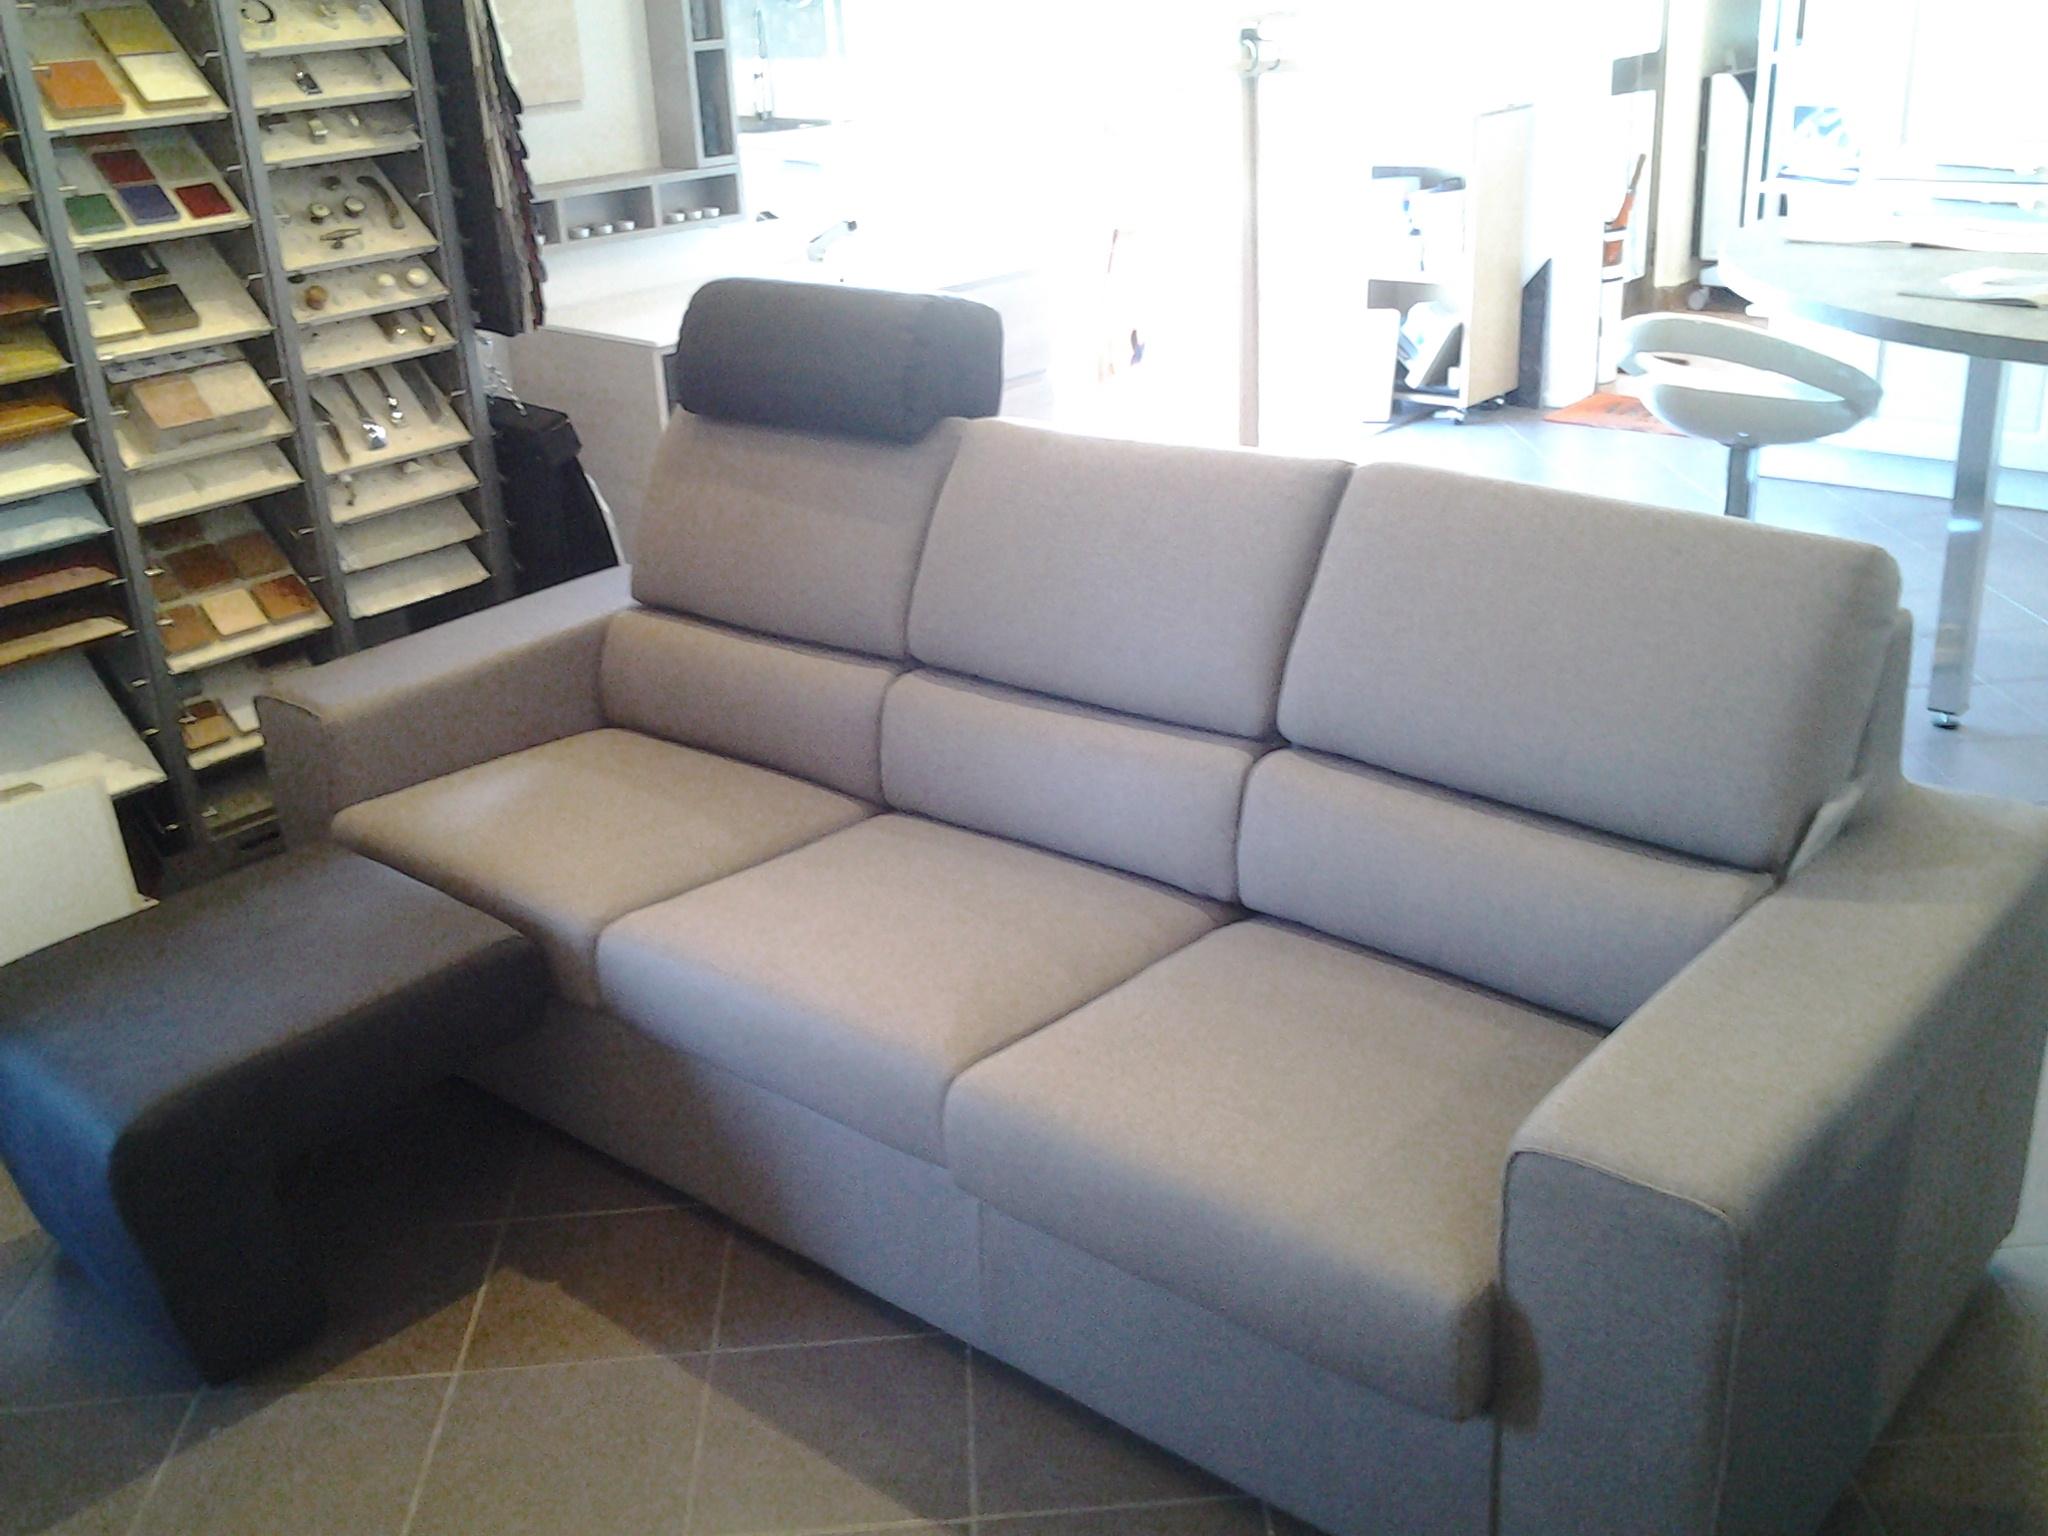 Divano con poggiapiedi 64 images articoli per divani divano sofa divano ad angolo divano - Divano ad angolo prezzi ...